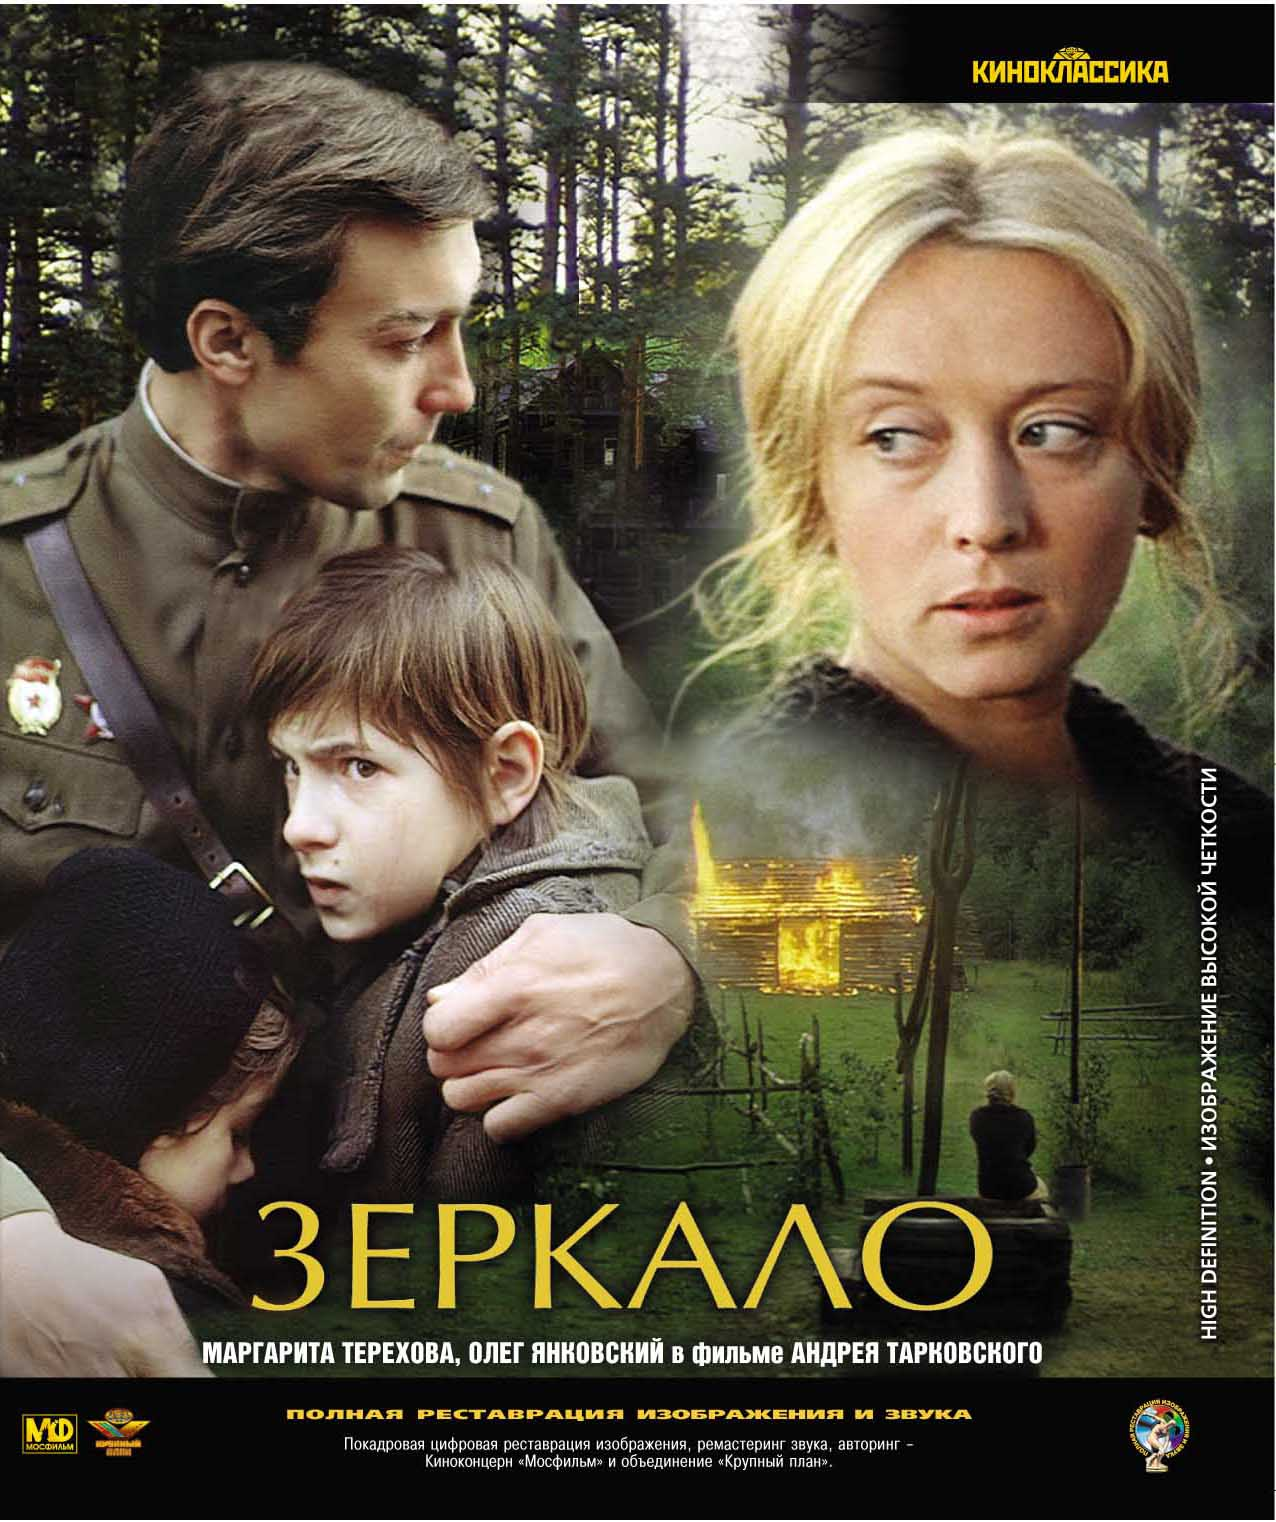 Το Μαρτυρολόγιο (Ημερολόγια 1970-1986) του μεγάλου Ρώσου, Σοβιετικού κάποτε, σκηνοθέτη Αντρέϊ Ταρκόφσκι αλλά και το μοναδικό βιβλίο που μας άφησε, το Σμιλεύοντας το χρόνο, όπως εξάλλου και οι ίδιες οι ταινίες του κατά κάποιο τρόπο, αναδεικνύουν έναν άνθρωπο, που δεν άντεχε να ζει στην πατρίδα του αν και πολύ θα το ήθελε.